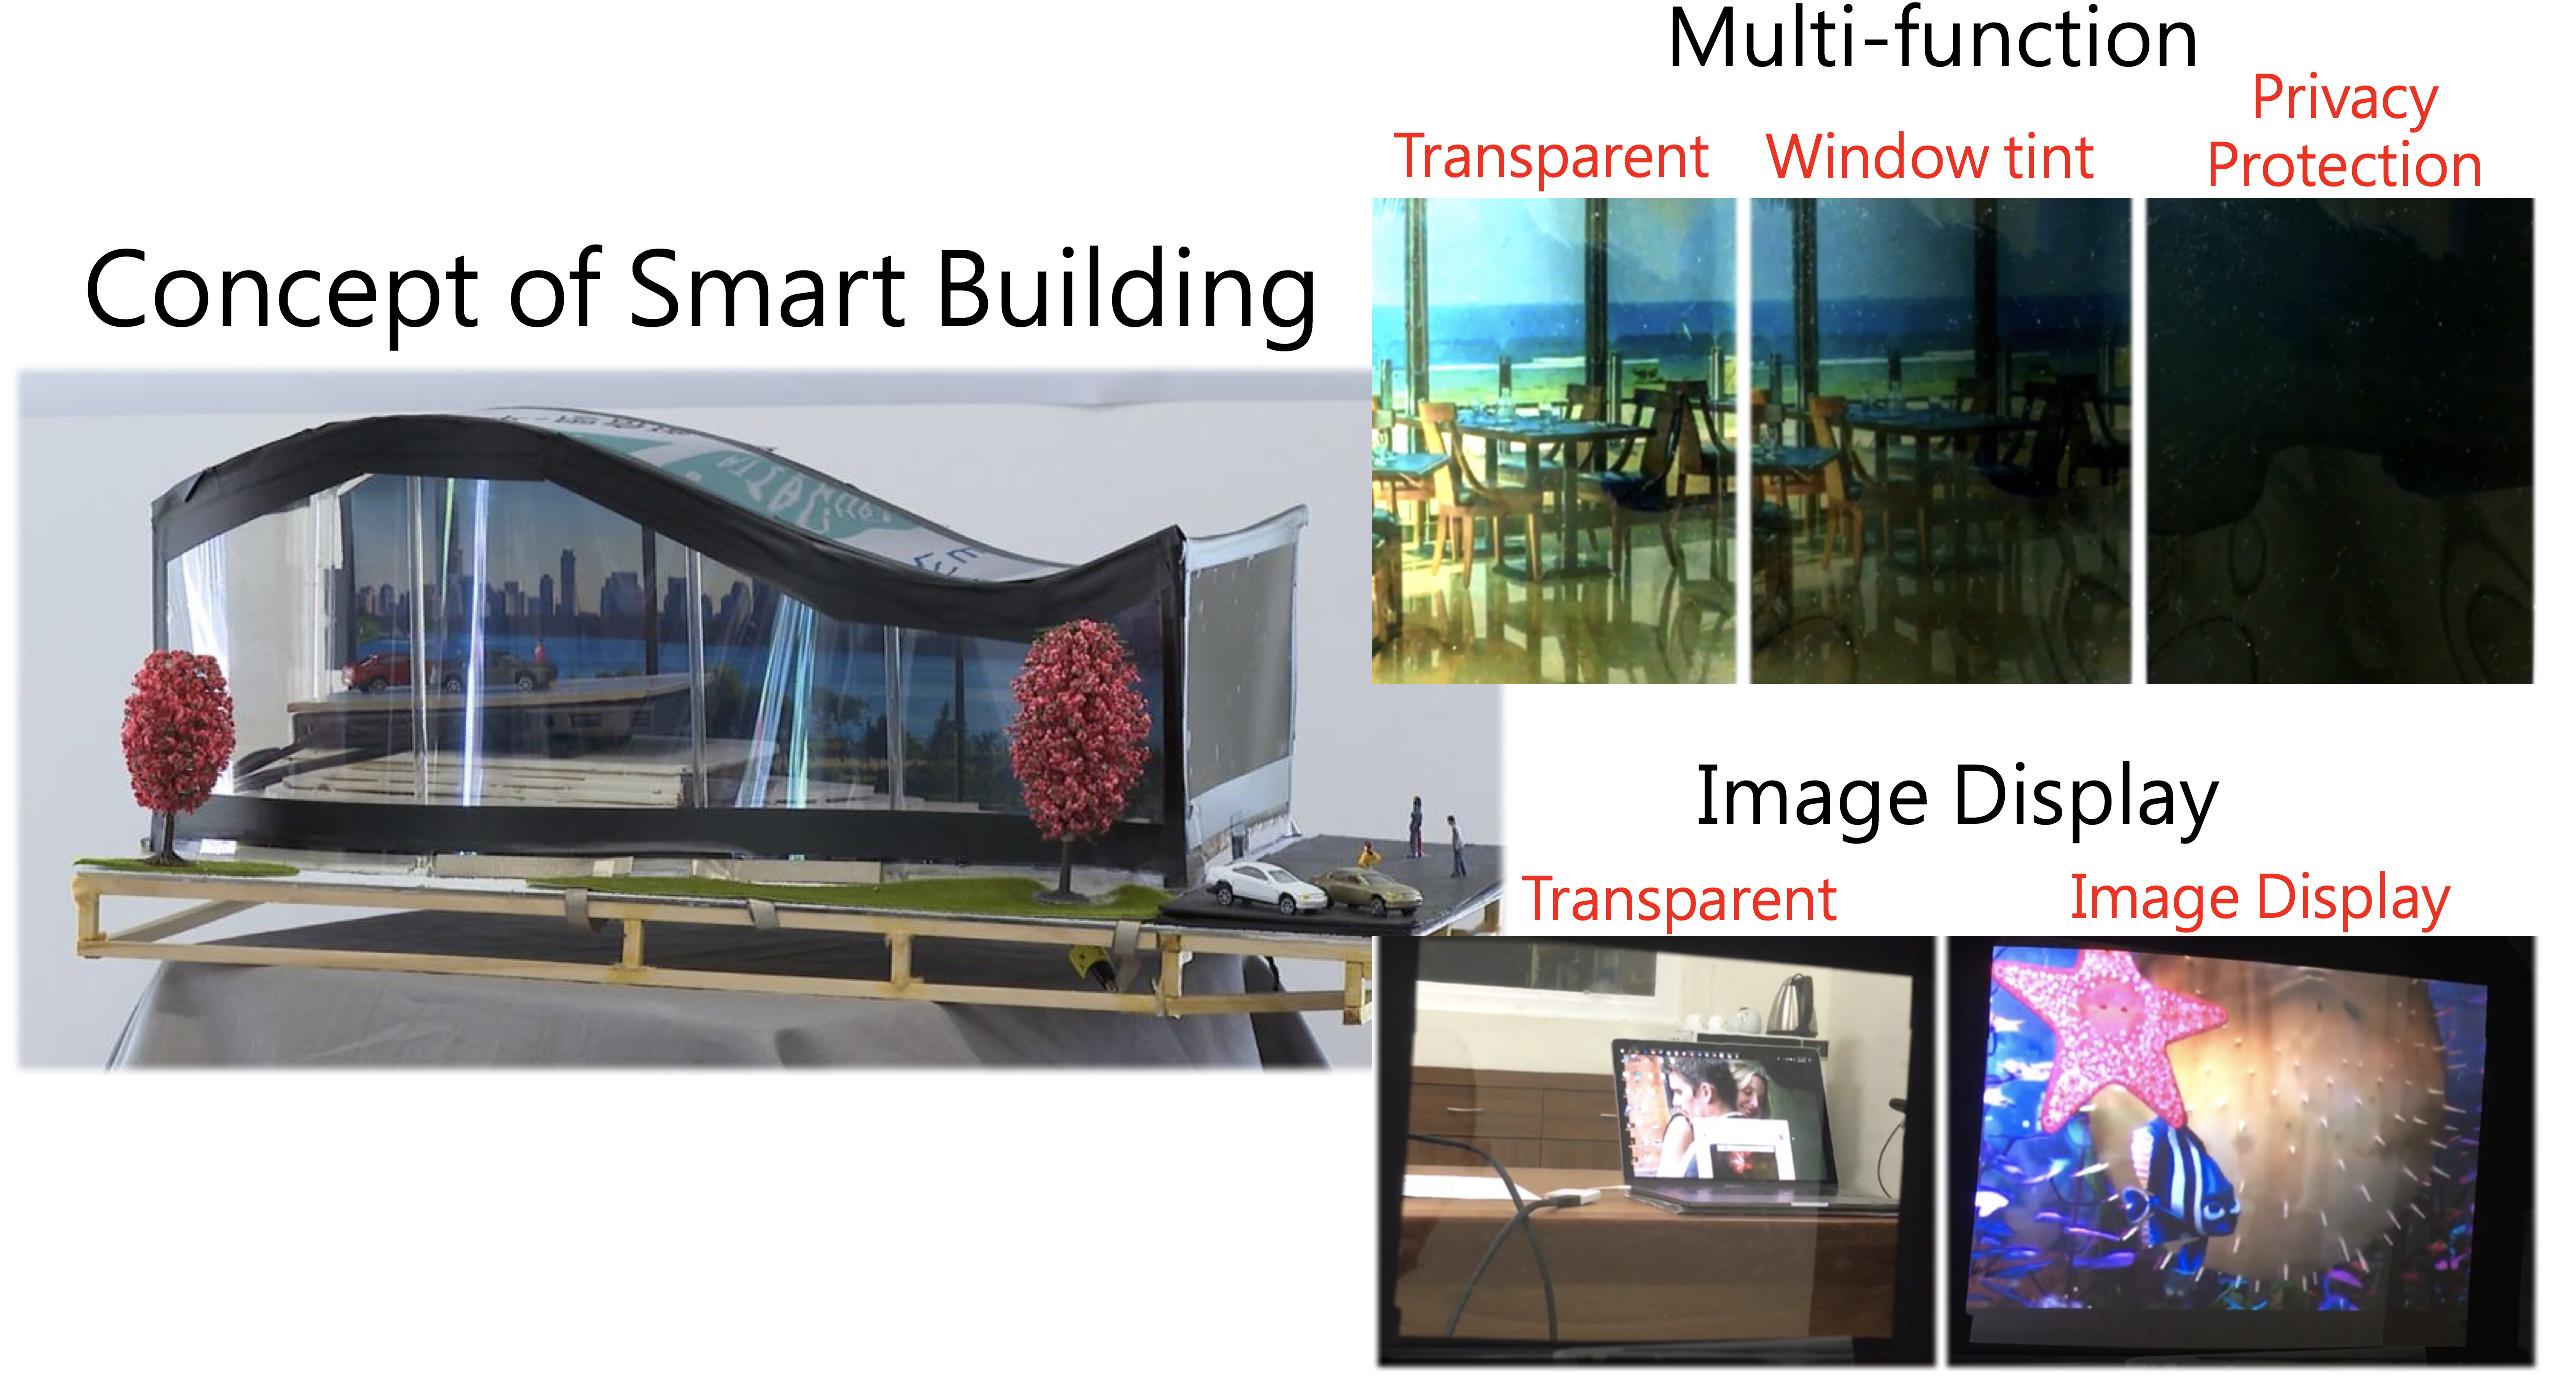 多功能智慧窗戶薄膜功能與產品概念展示